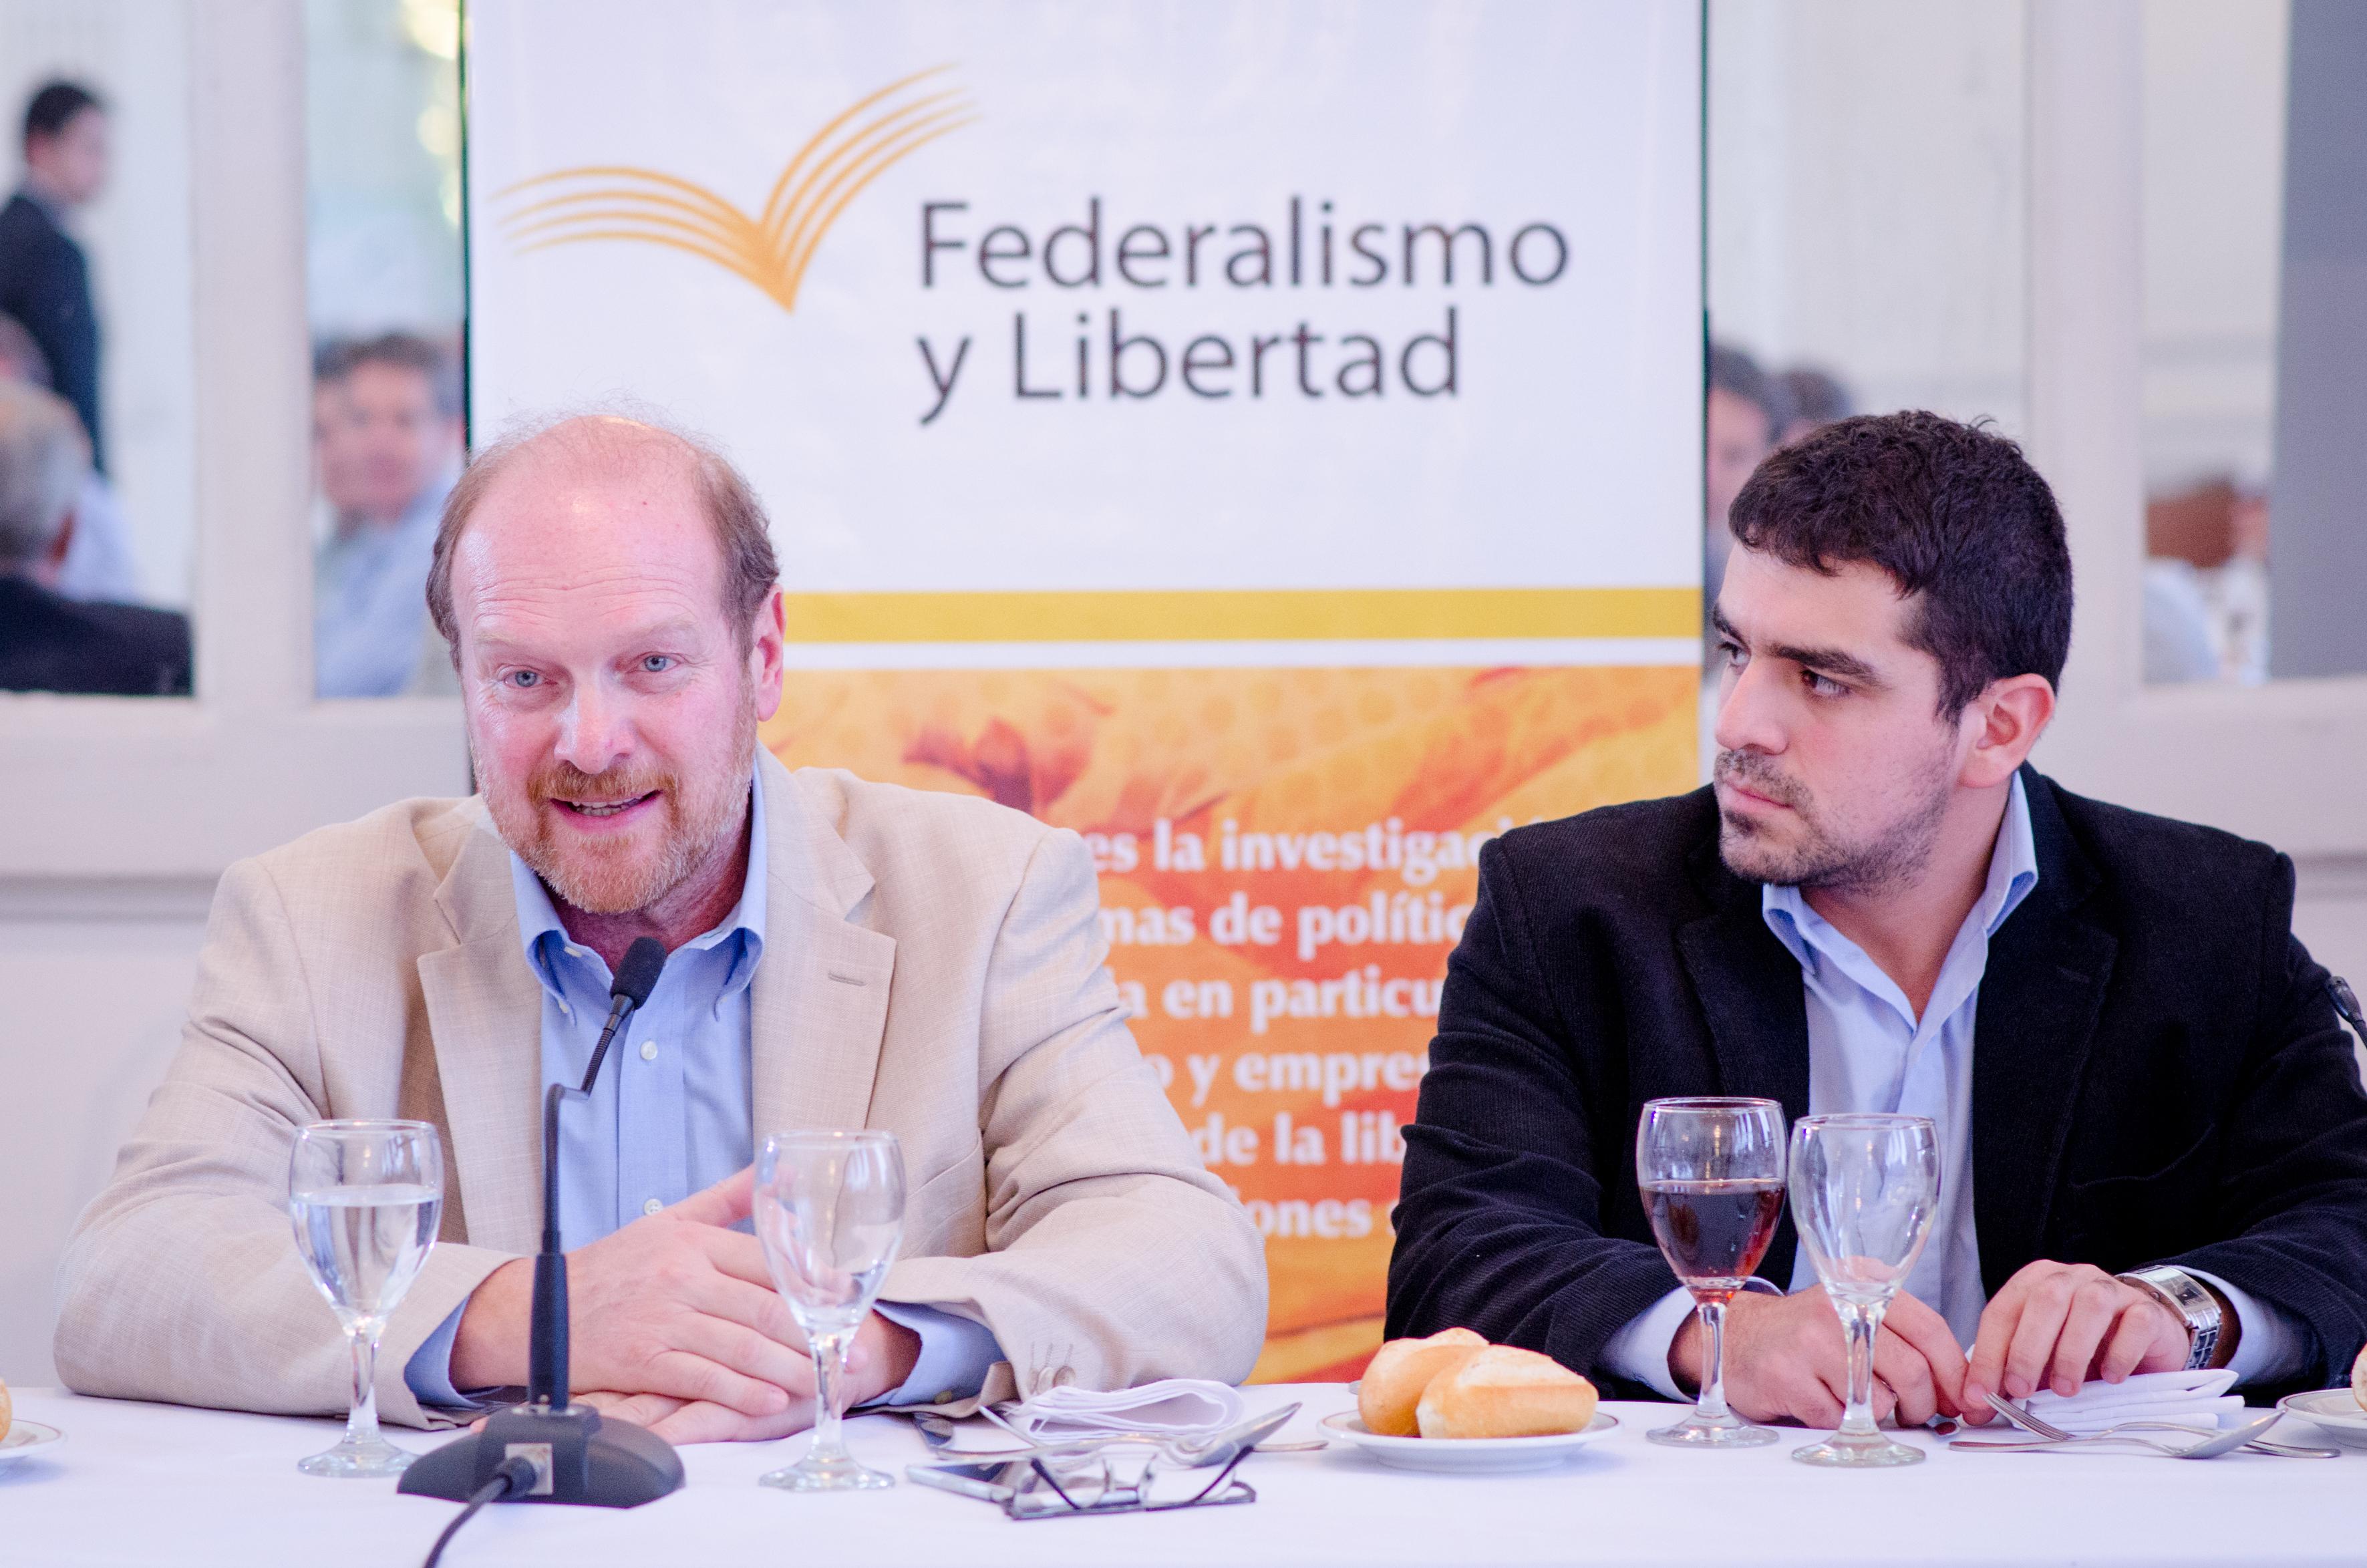 Almuerzo de trabajo junto a Gustavo Grobocopatel: los desafíos de la política y los negocios